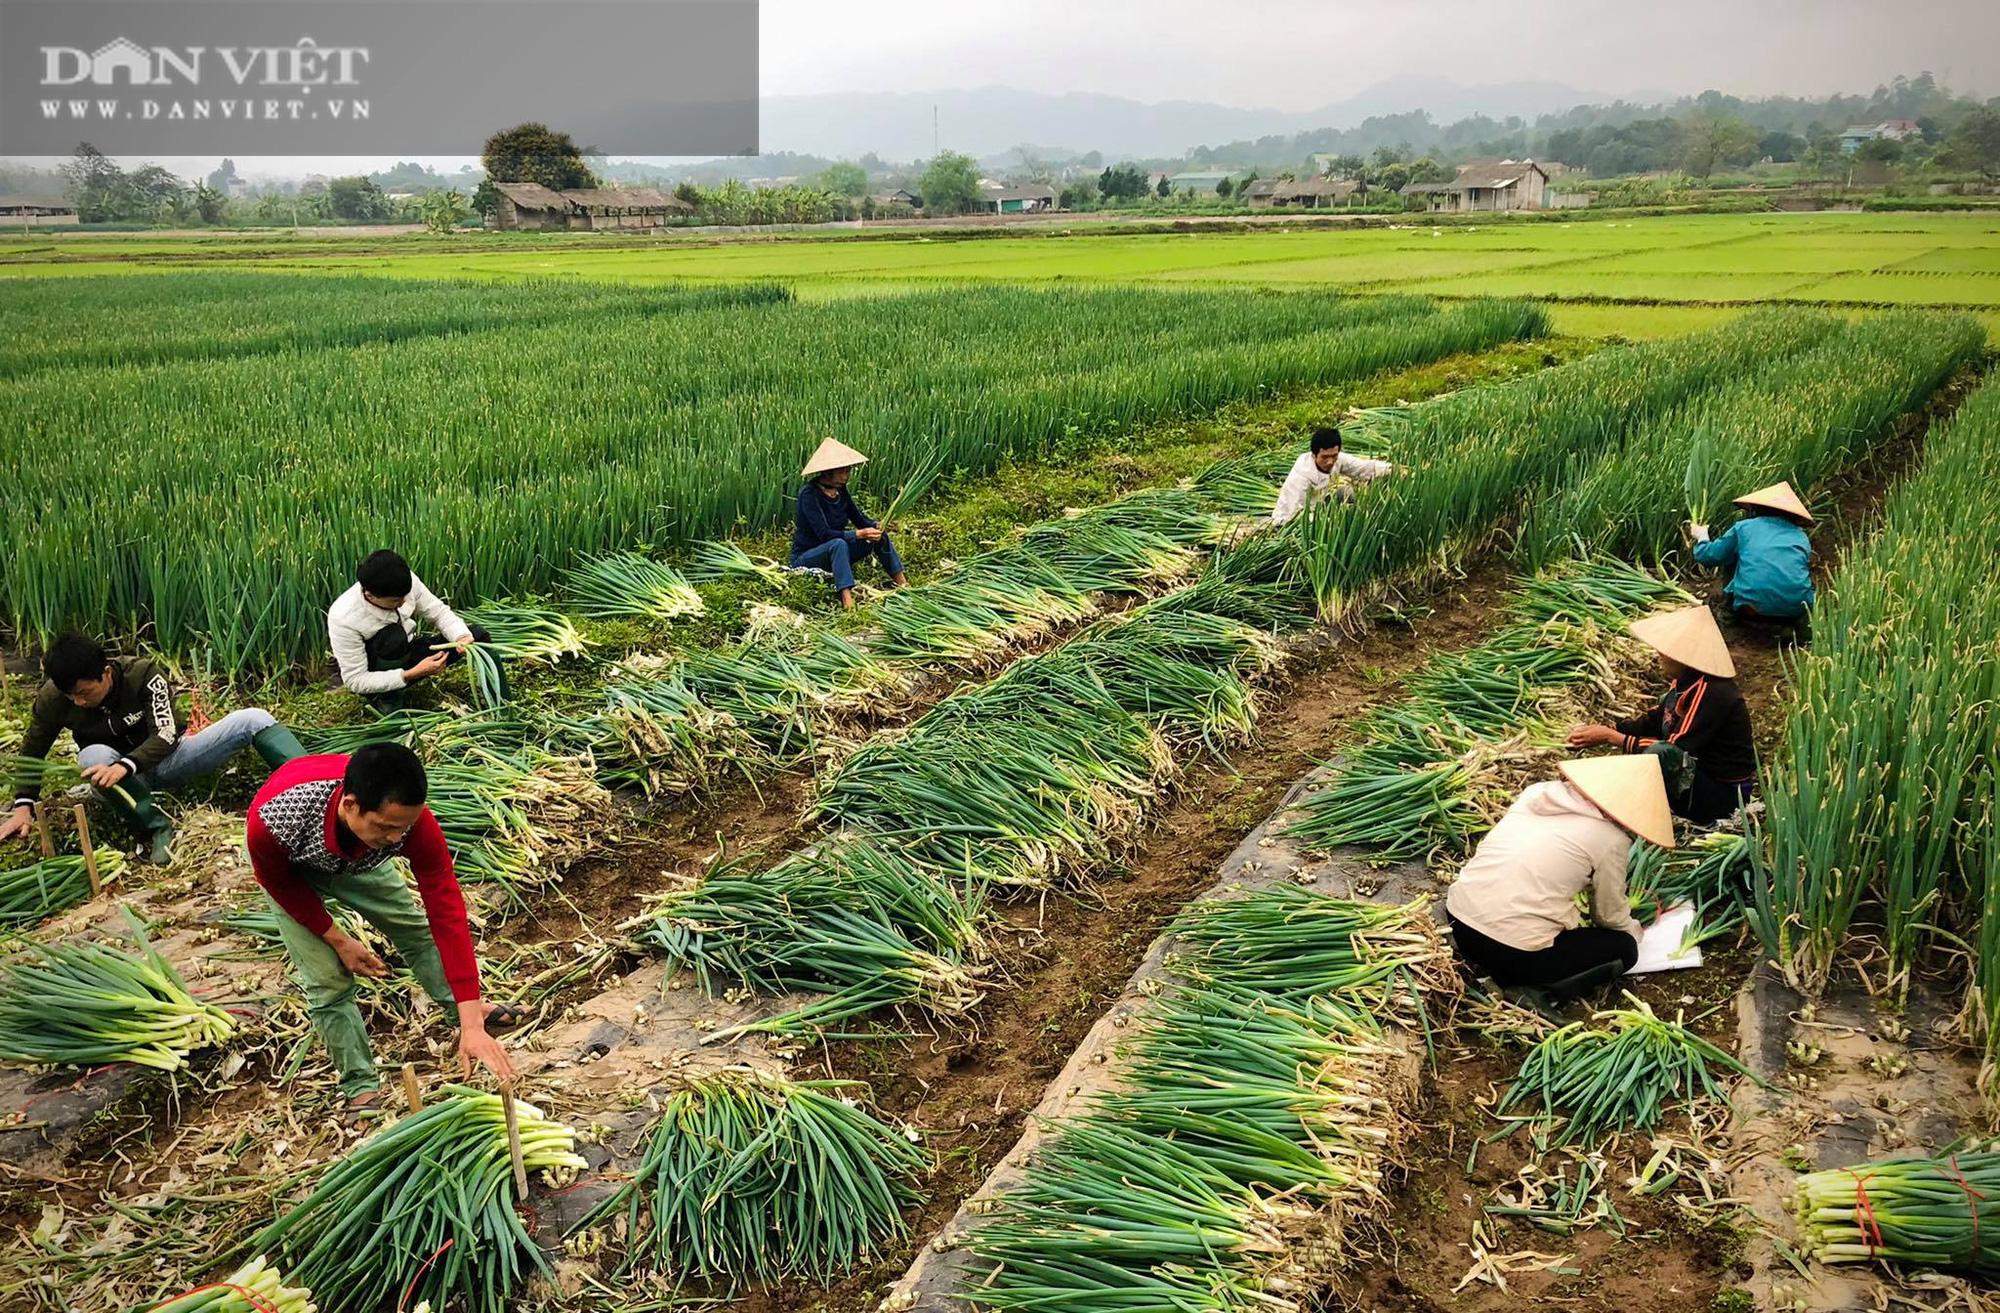 Phú Thọ: Được doanh nghiệp giải cứu, người trồng hành phấn khởi ra đồng thu hoạch mặc gió lạnh - Ảnh 2.